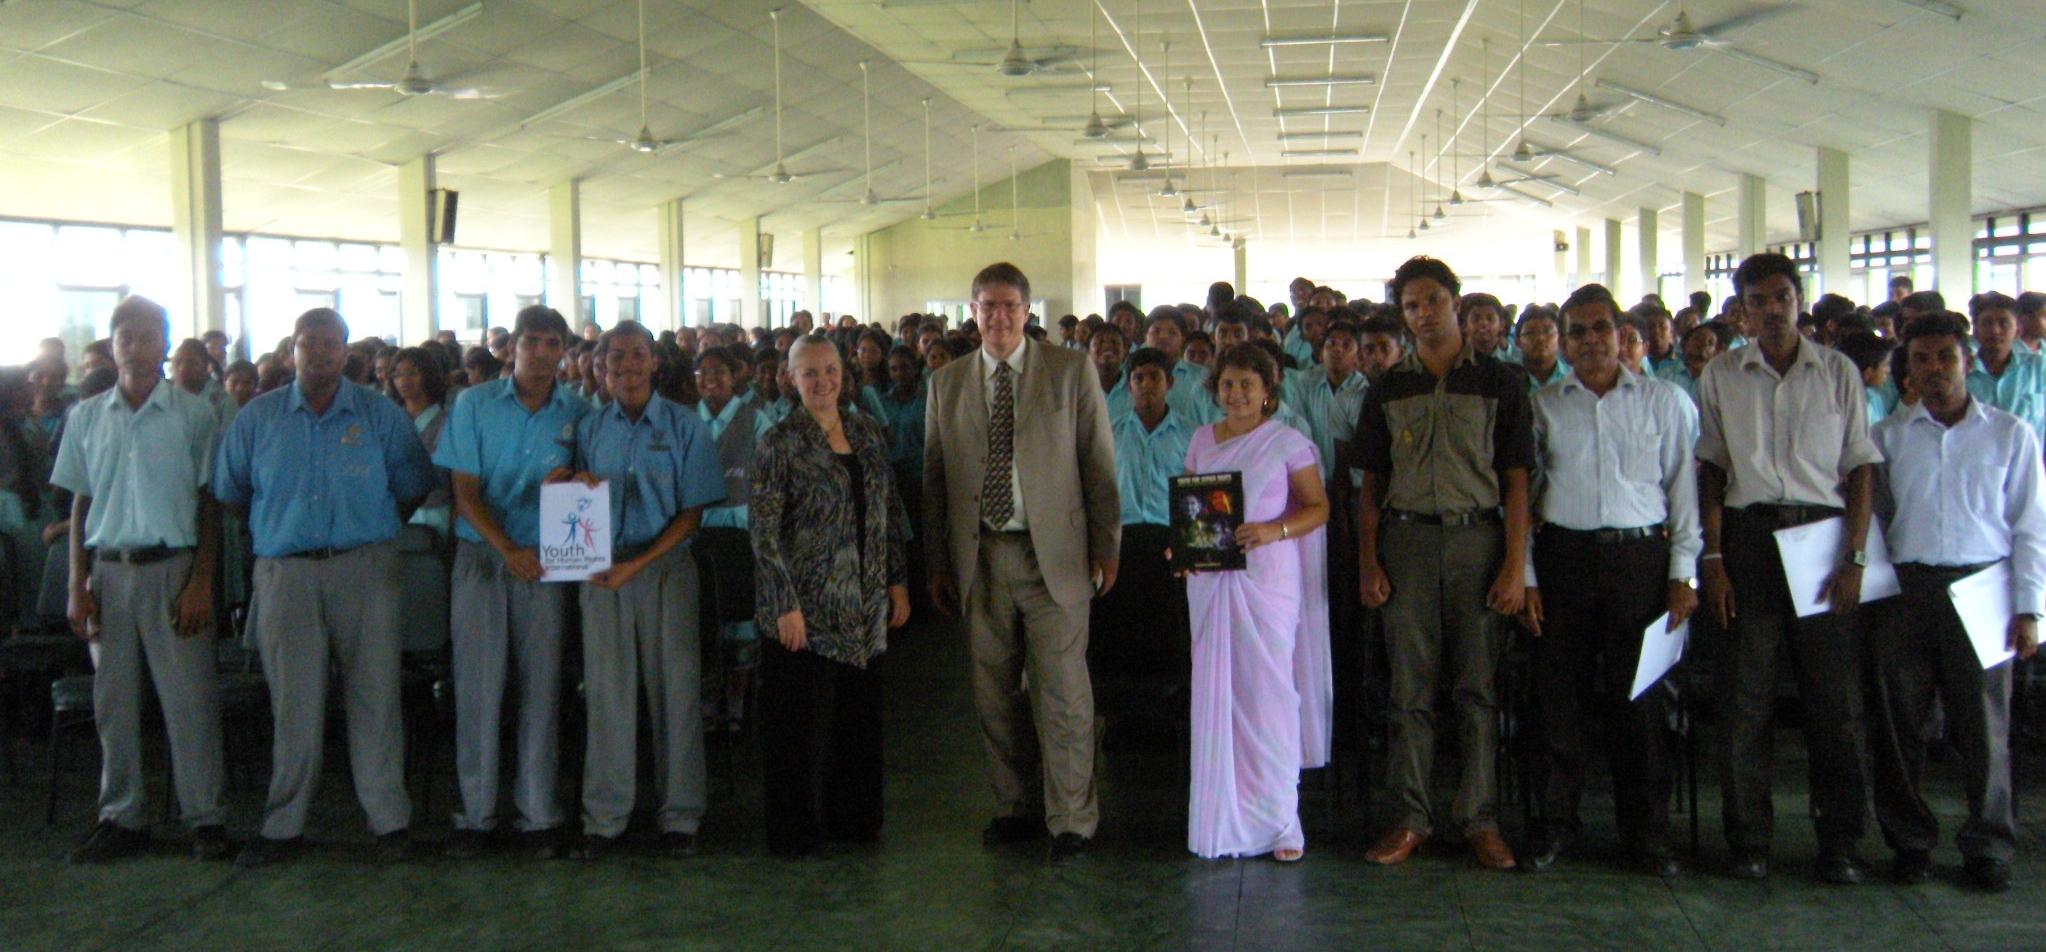 200910-Sri_Lanka_Lyceum_School_GROUP#2.jpg